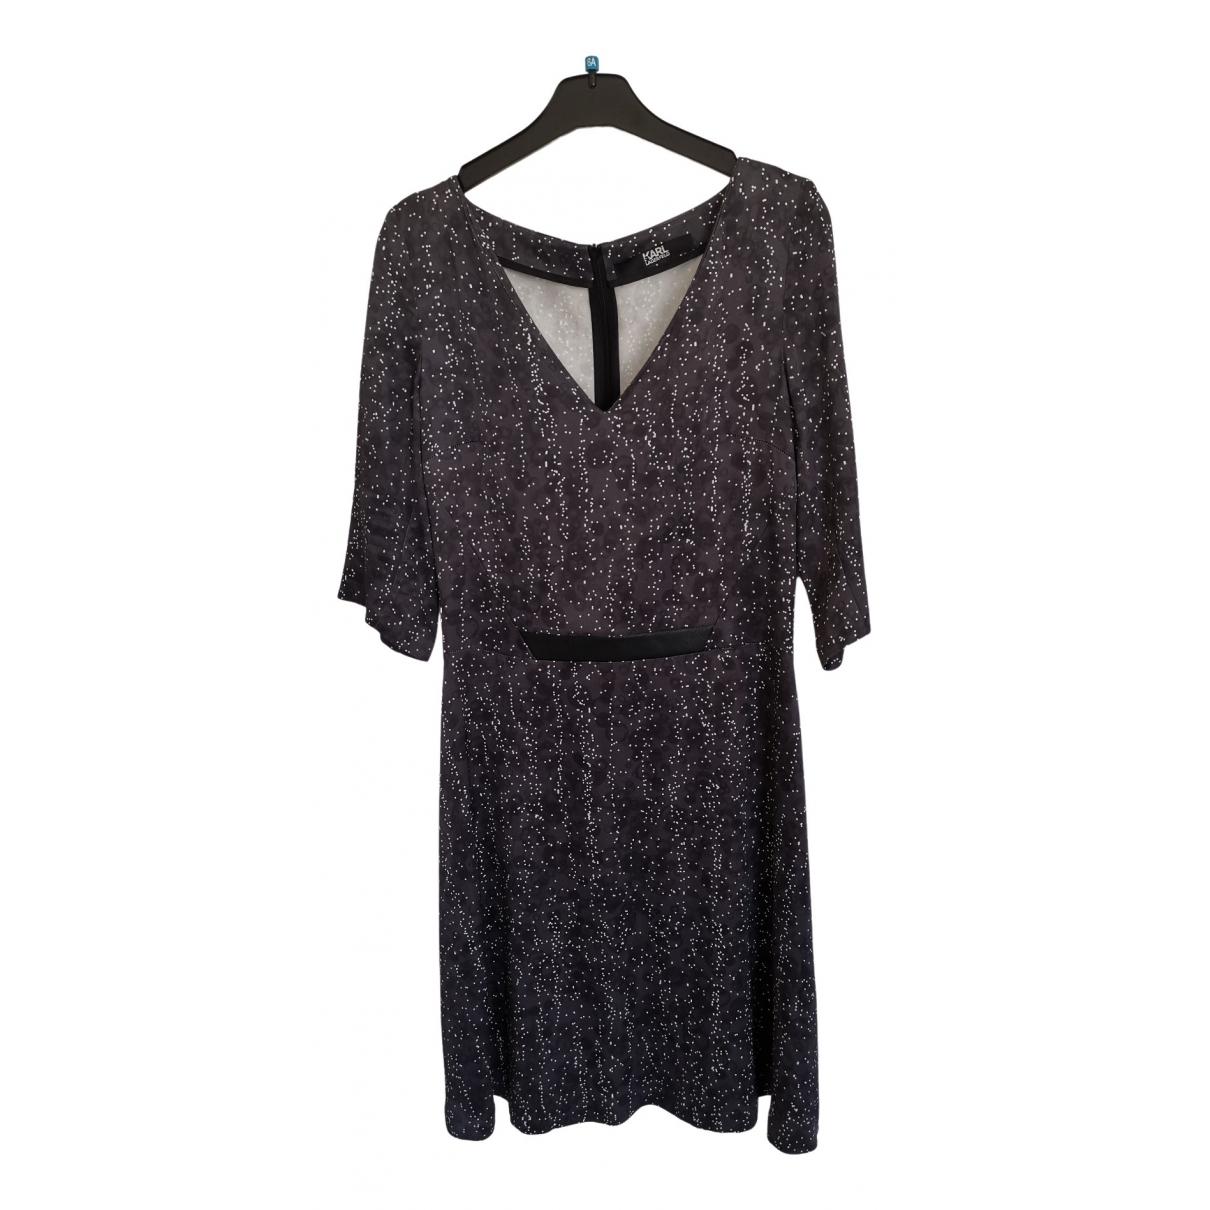 Karl Lagerfeld \N Kleid in  Anthrazit Viskose